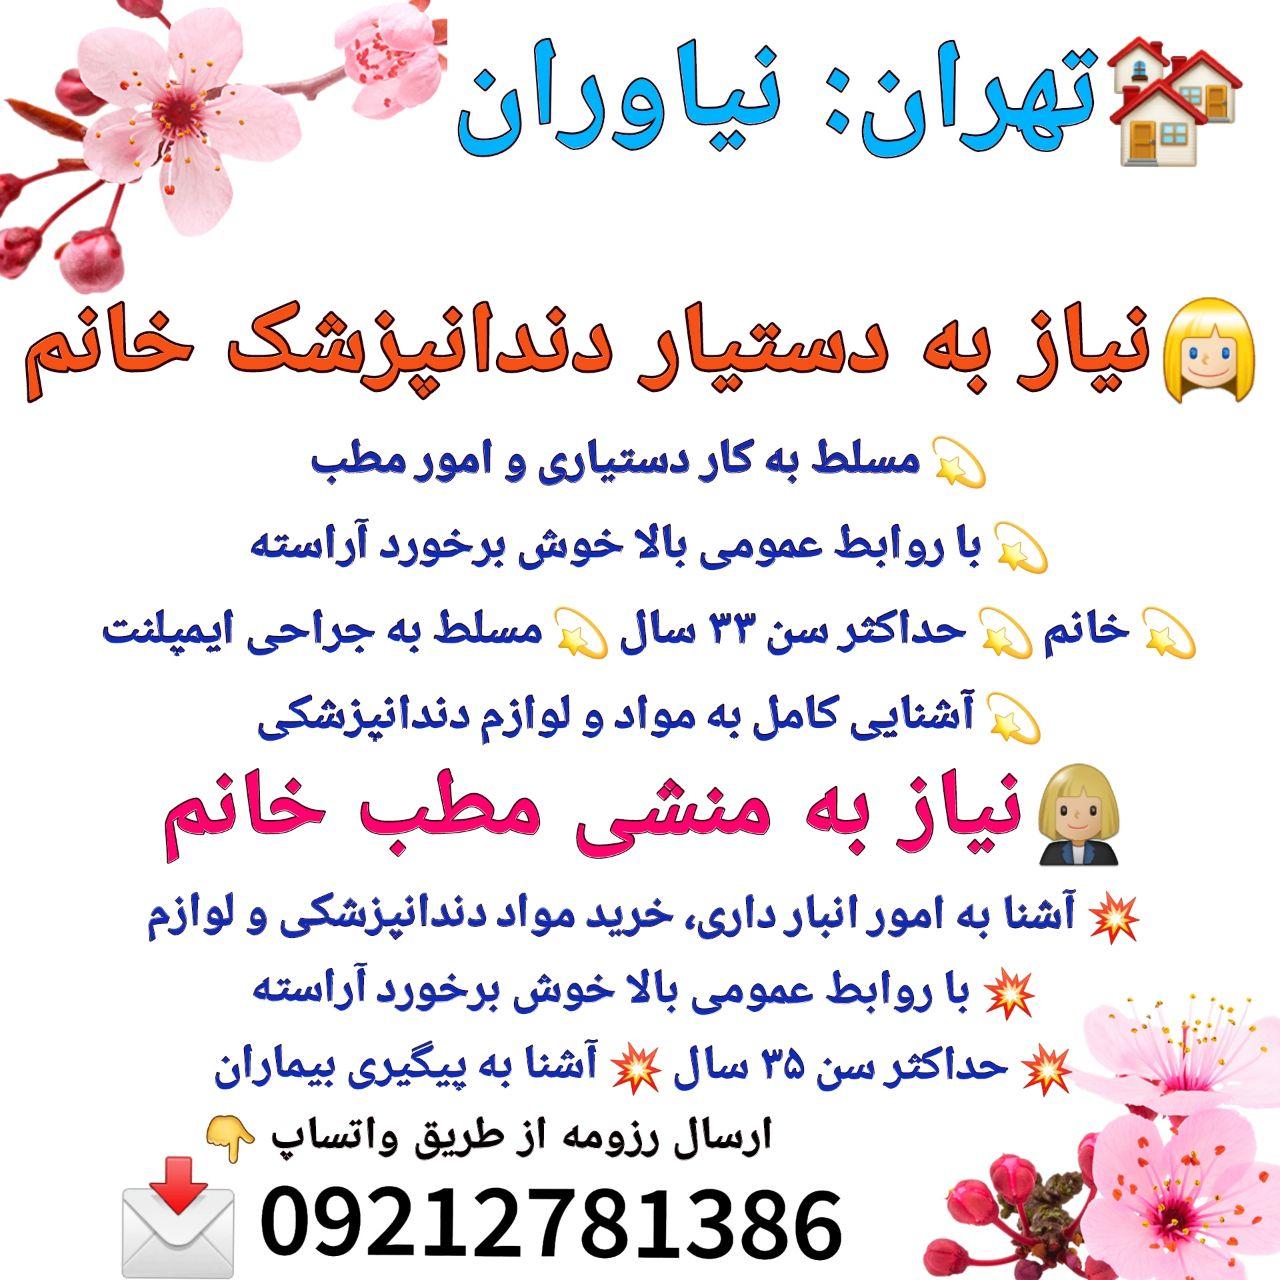 تهران: نیاوران، نیاز به دستیار دندانپزشک خانم، و منشی مطب خانم